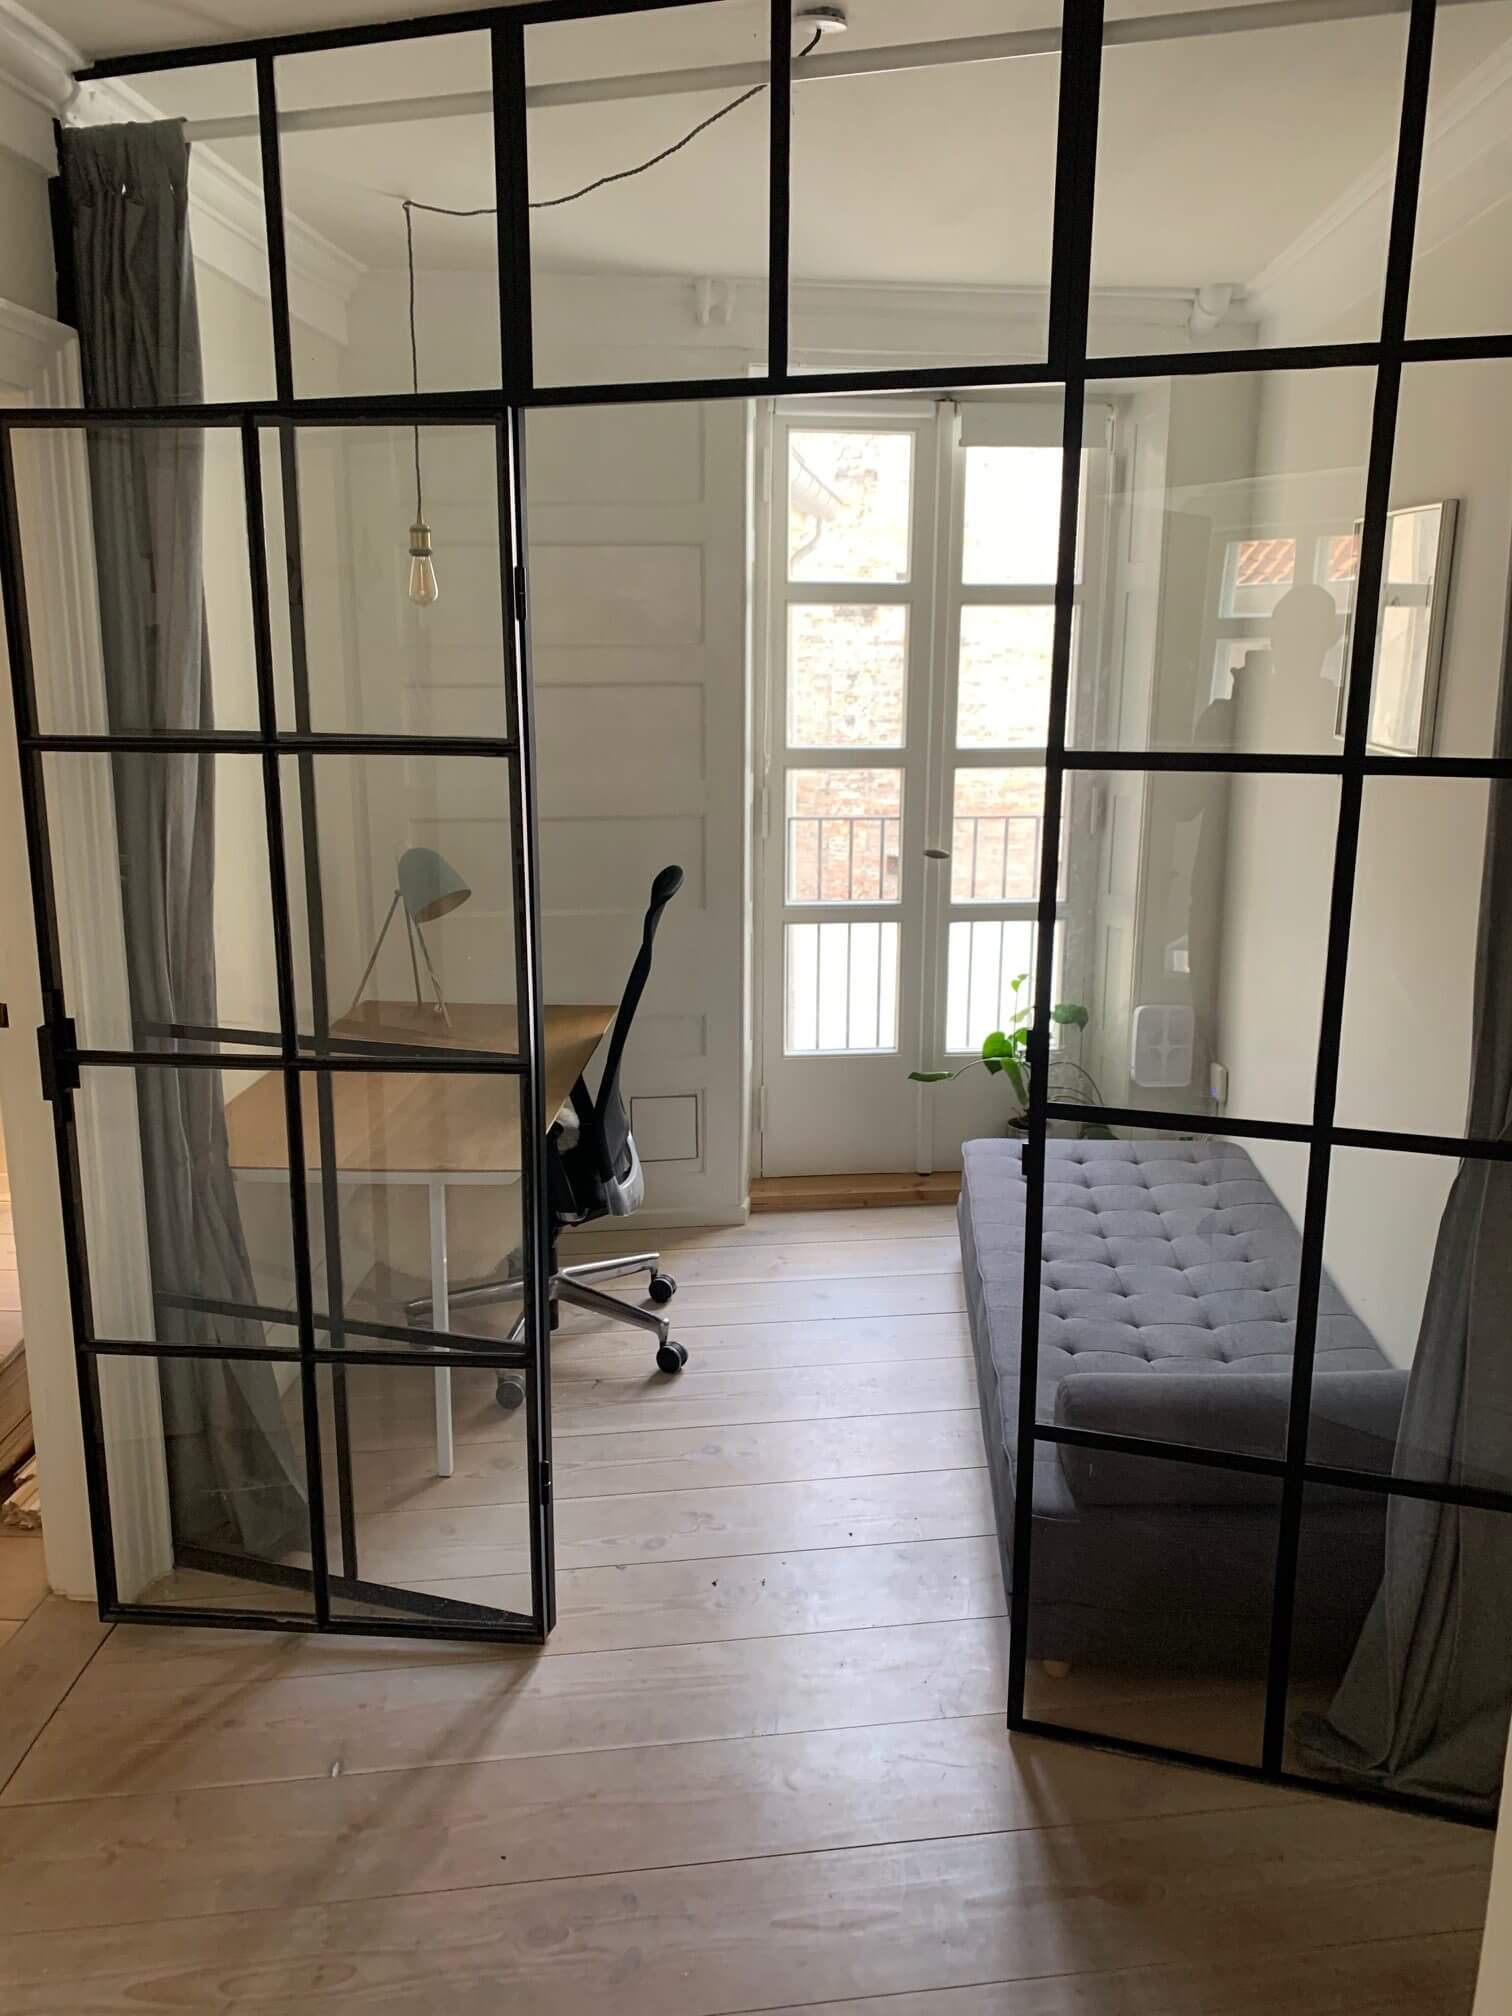 renovering af fredet ejendom Fiolstræde kontor efter